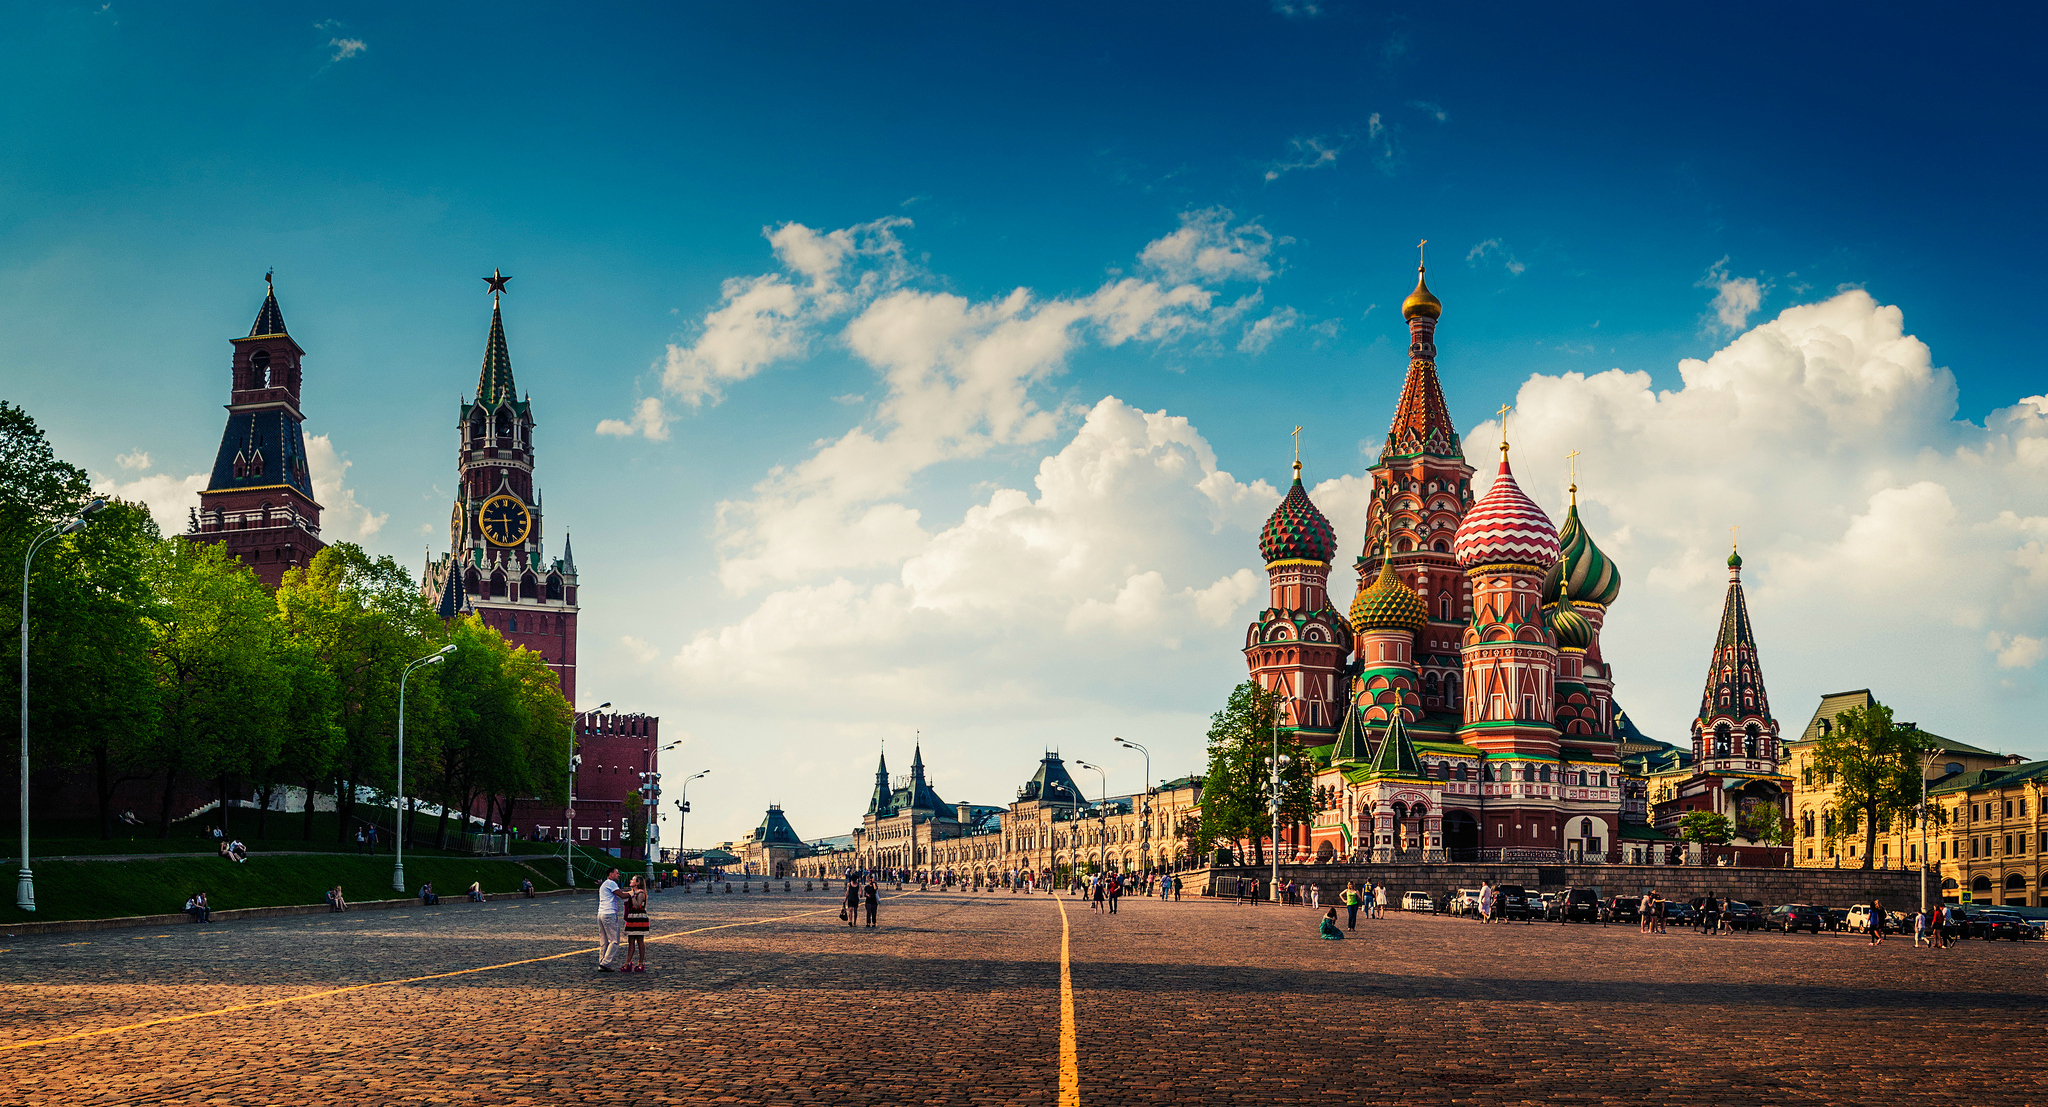 Росія все більше втягується в воронку